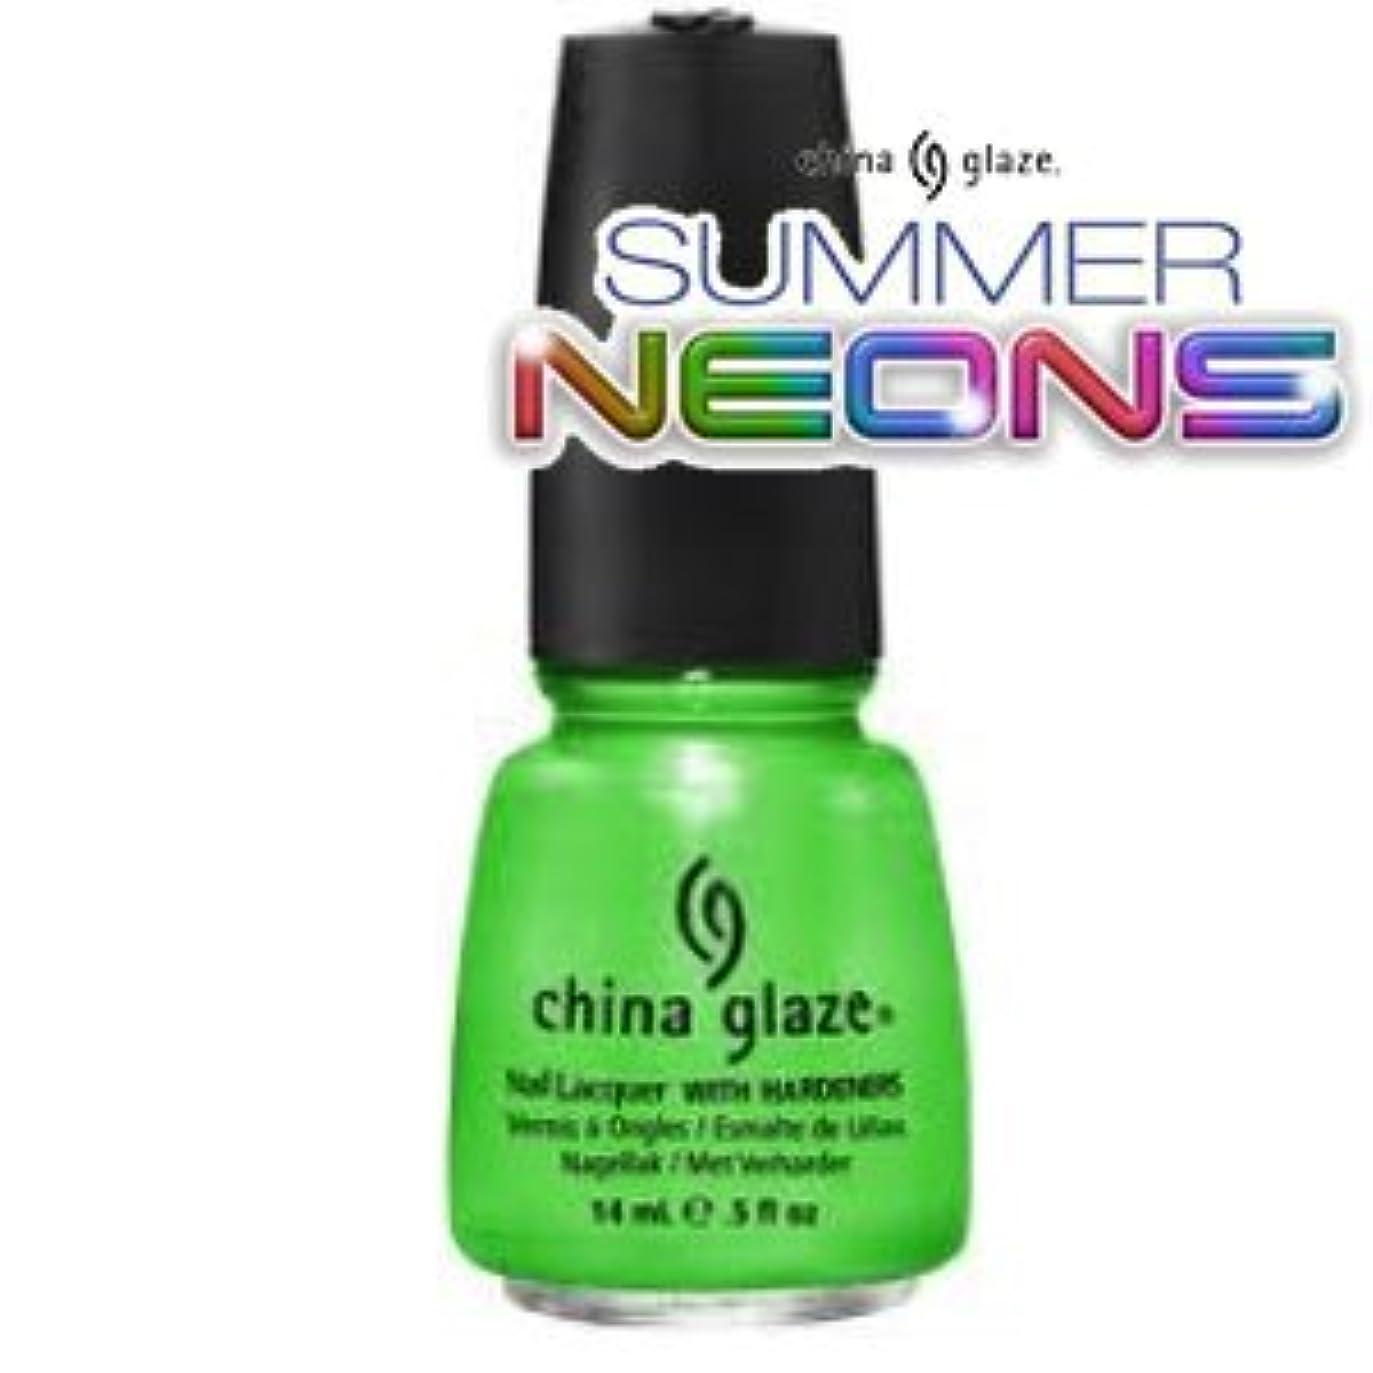 ロック囲まれた例(チャイナグレイズ)China Glaze I'm With The Lifeguardーサマーネオン コレクション [海外直送品][並行輸入品]